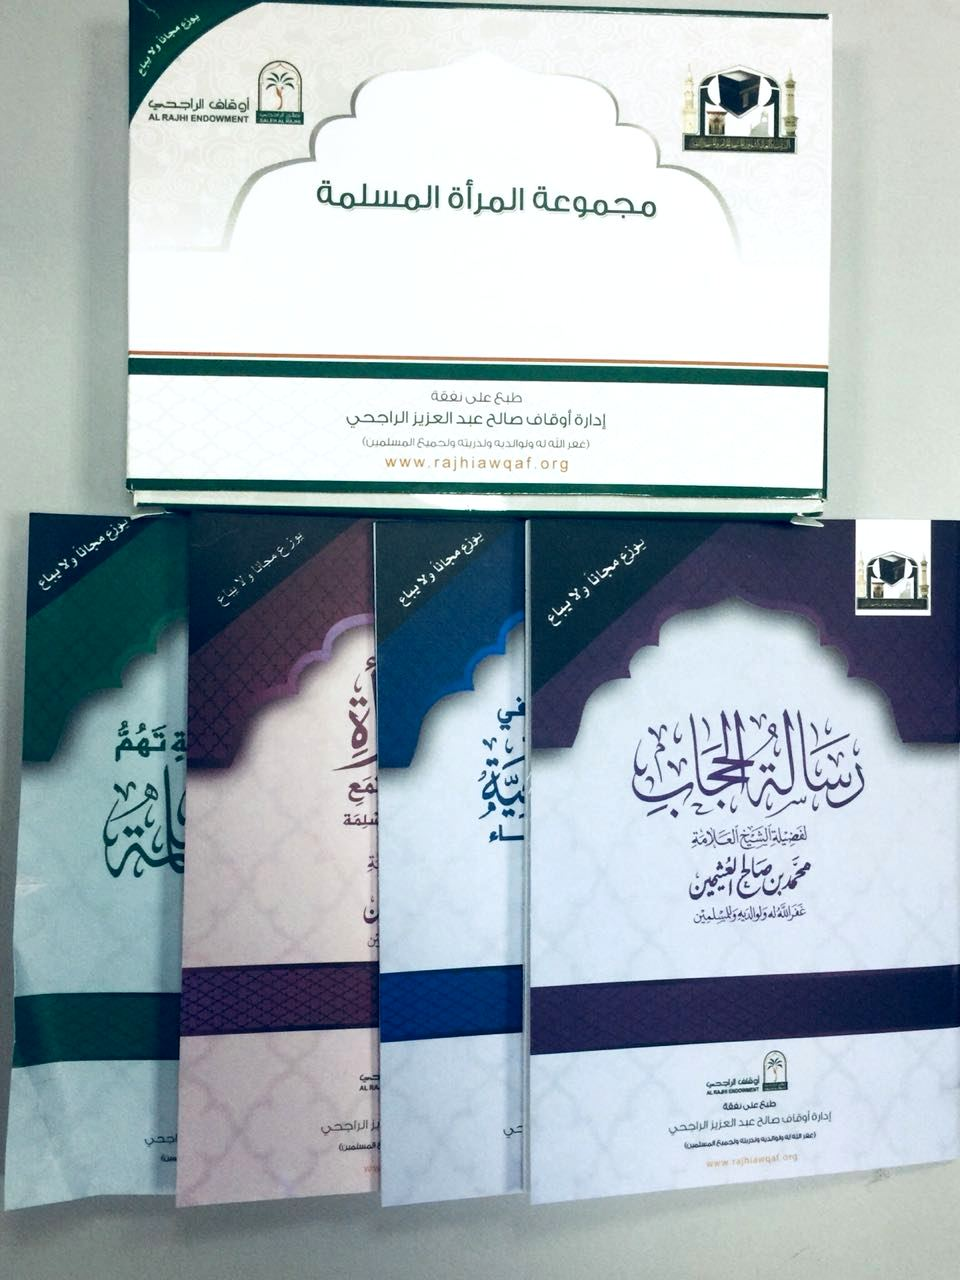 نصف مليون كتاب دعويهدية أوقاف صالح الراجحي لضيوف الرحمن